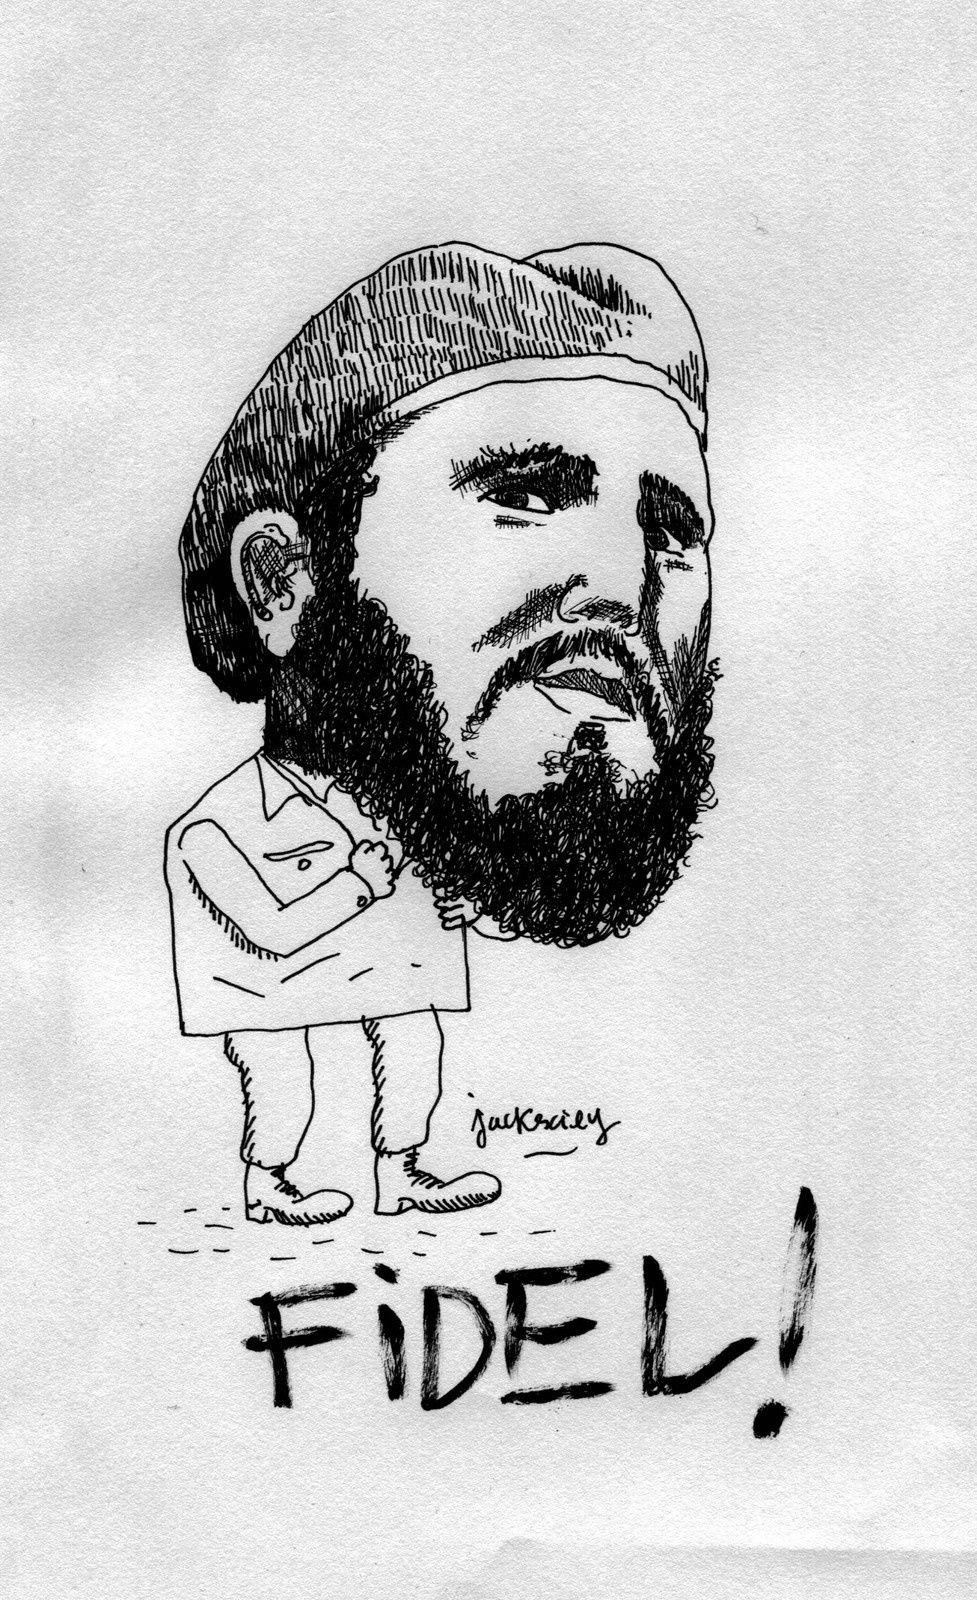 Fidel Castro par Jack Exily - reproduction interdite - droits réservés.